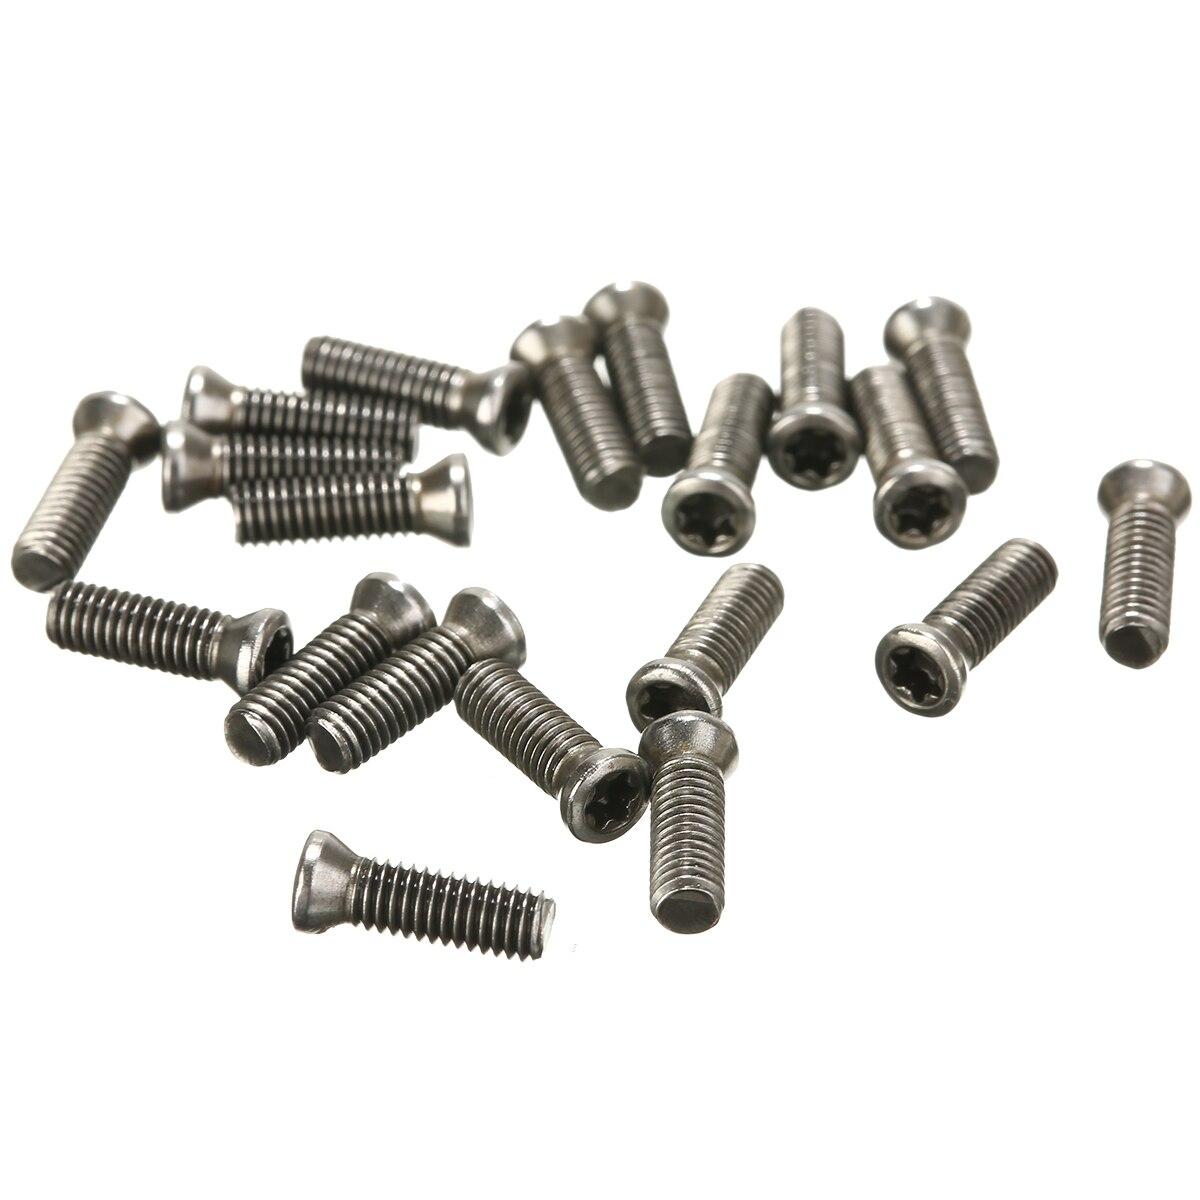 20 pièces M3x10mm CNC insérer Torx vis à tête plate M3 vis pour remplace les Inserts en carbure CNC outil de tour